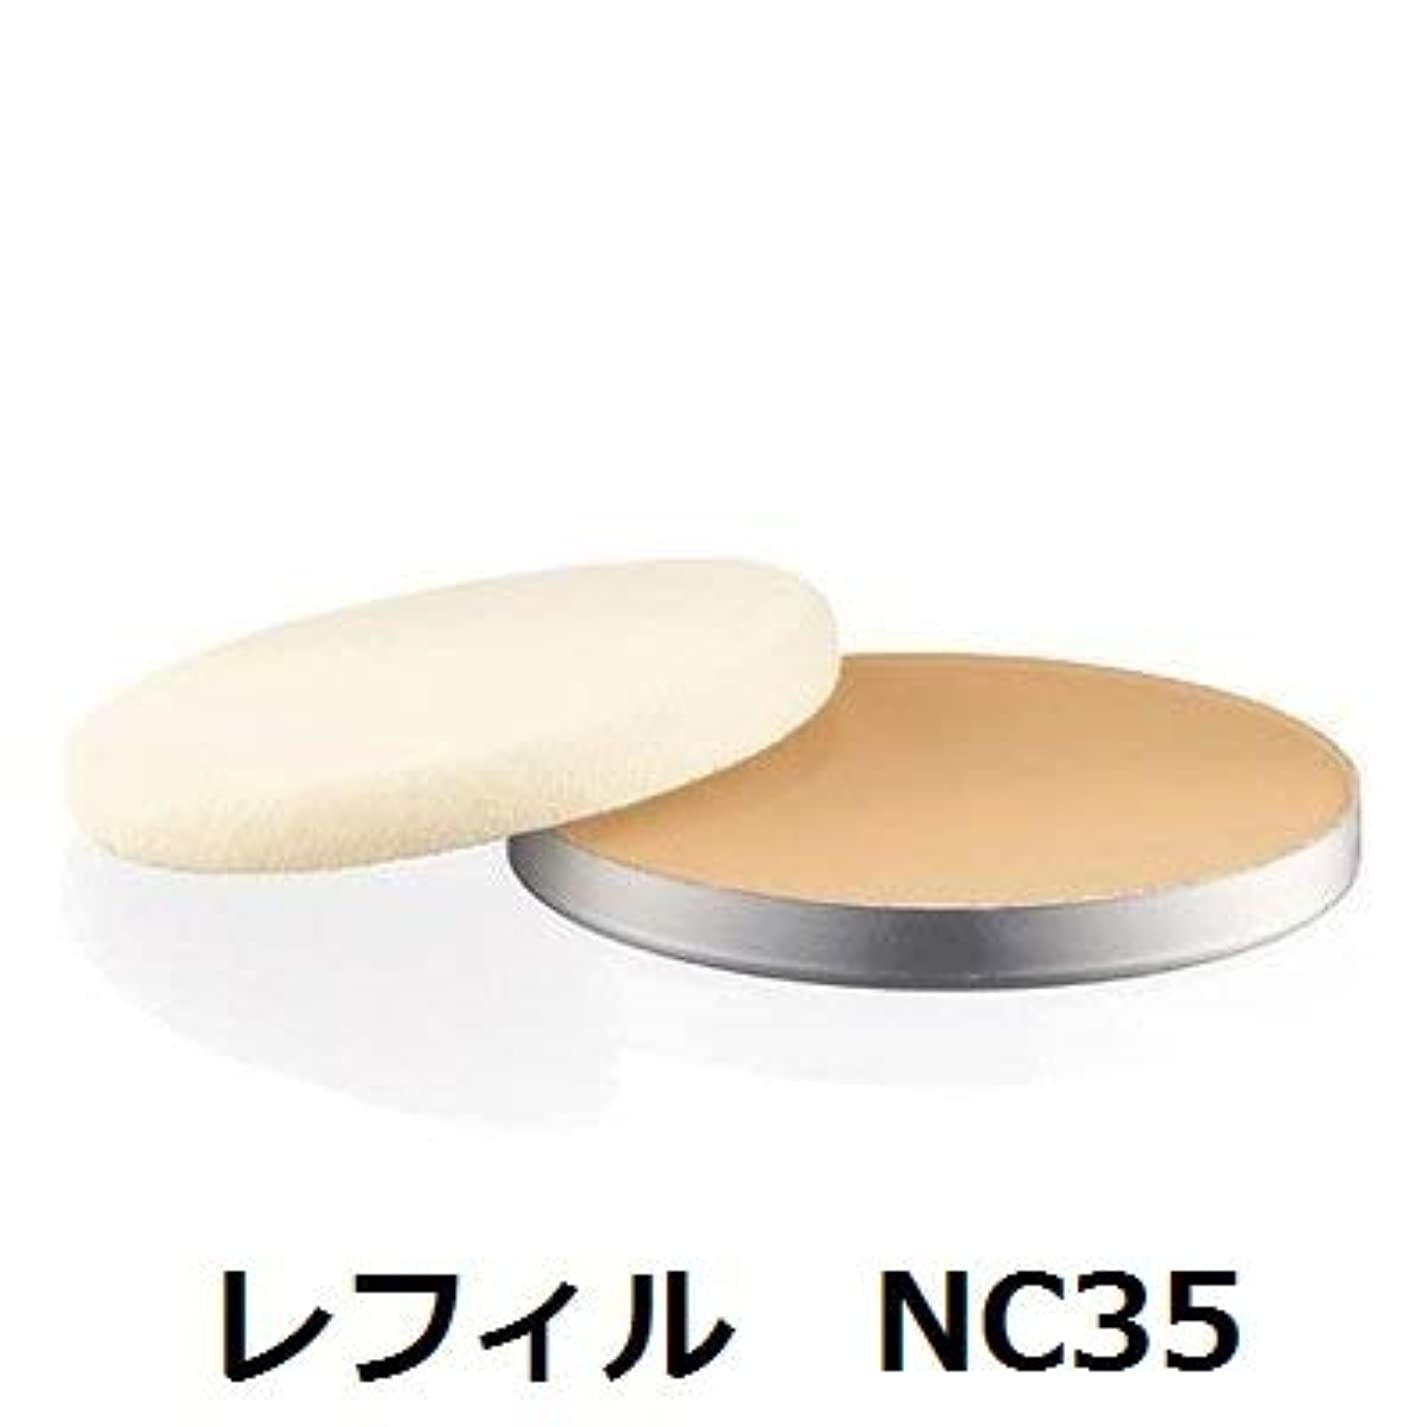 ジャーナル叫ぶ真面目なマック(MAC) ライトフルC+SPF 30ファンデーション レフィル #NC35 14g [並行輸入品]